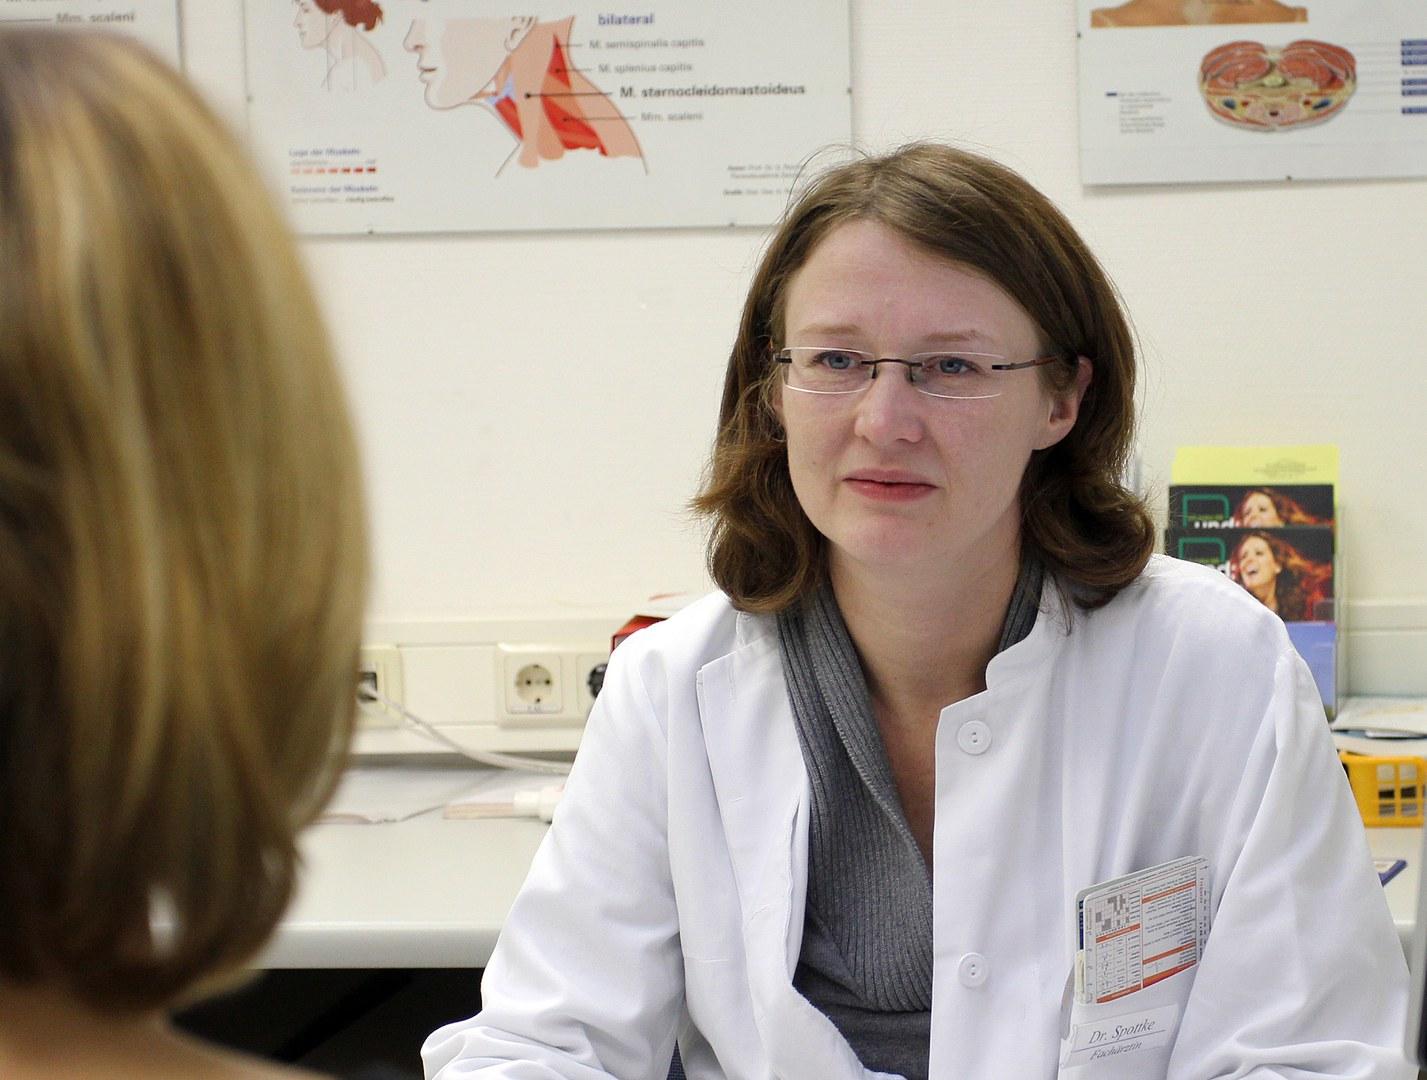 Neurologin Dr. Annika Spottke im Gespräch mit einer Patientin